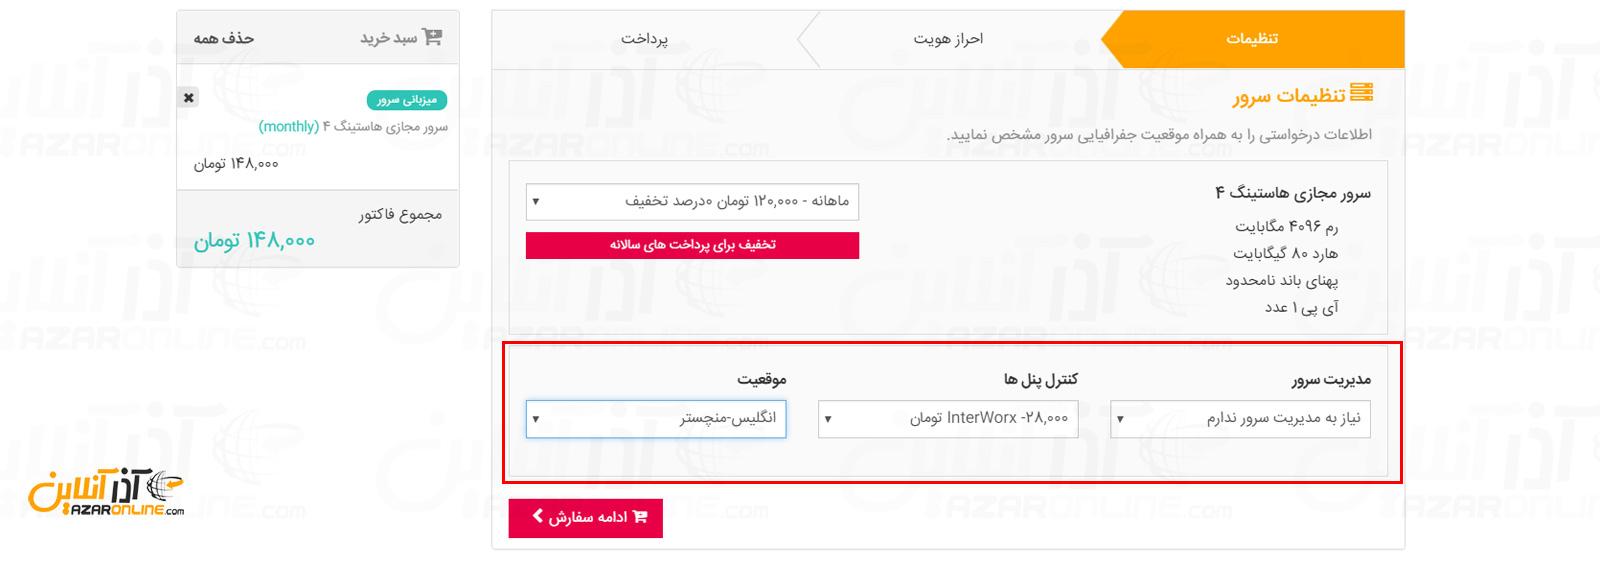 انتخاب پنل و کنترل پنل وب هاستینگ